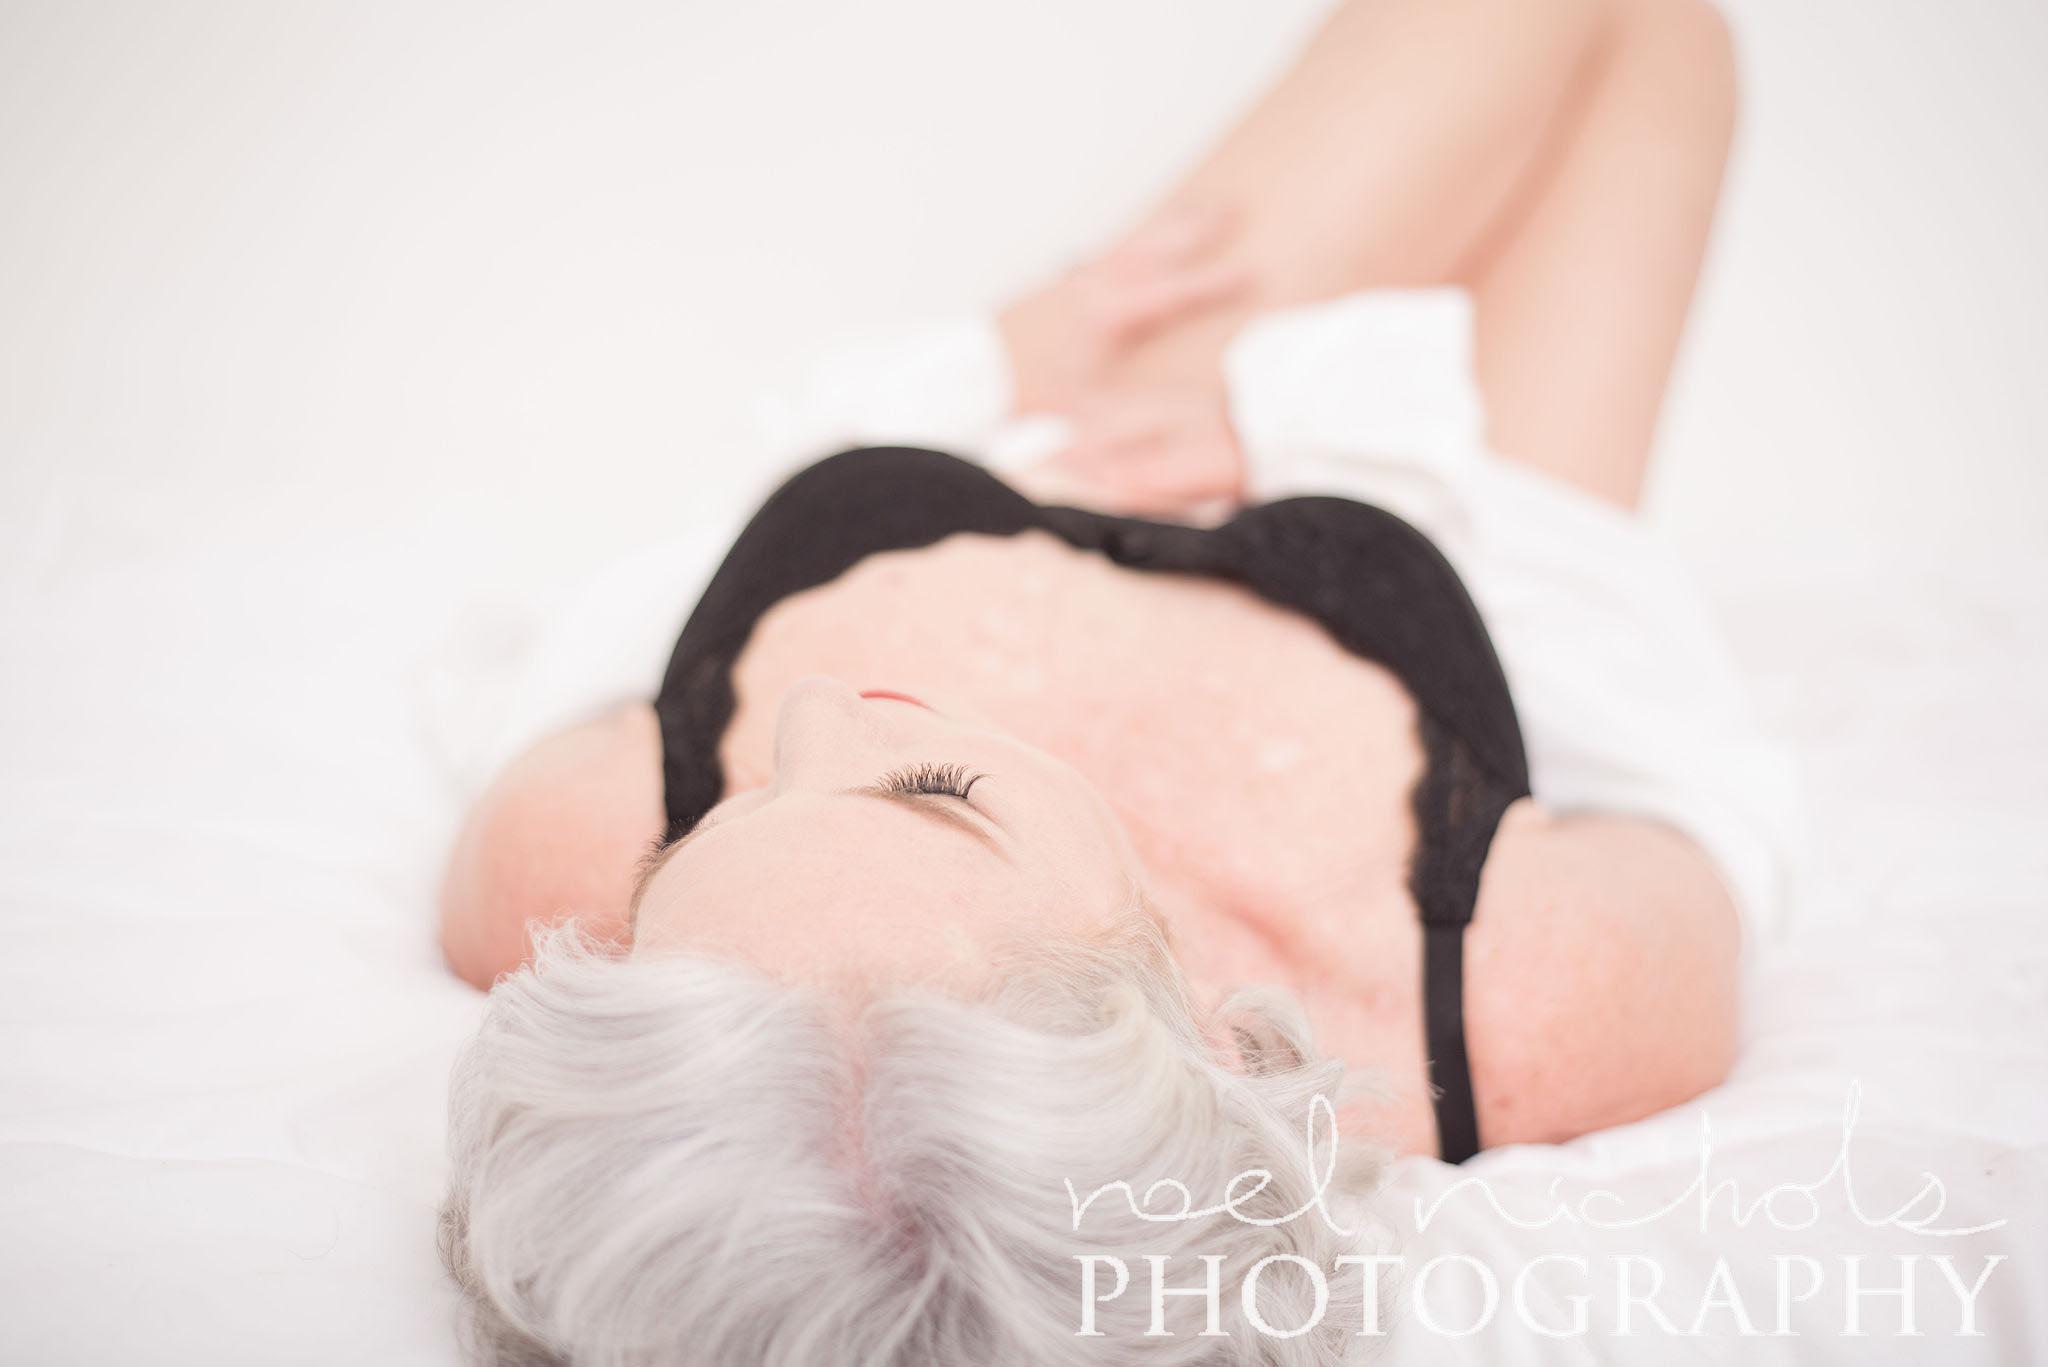 atlanta-boudoir-photography-20180219-DSC_1809.jpg